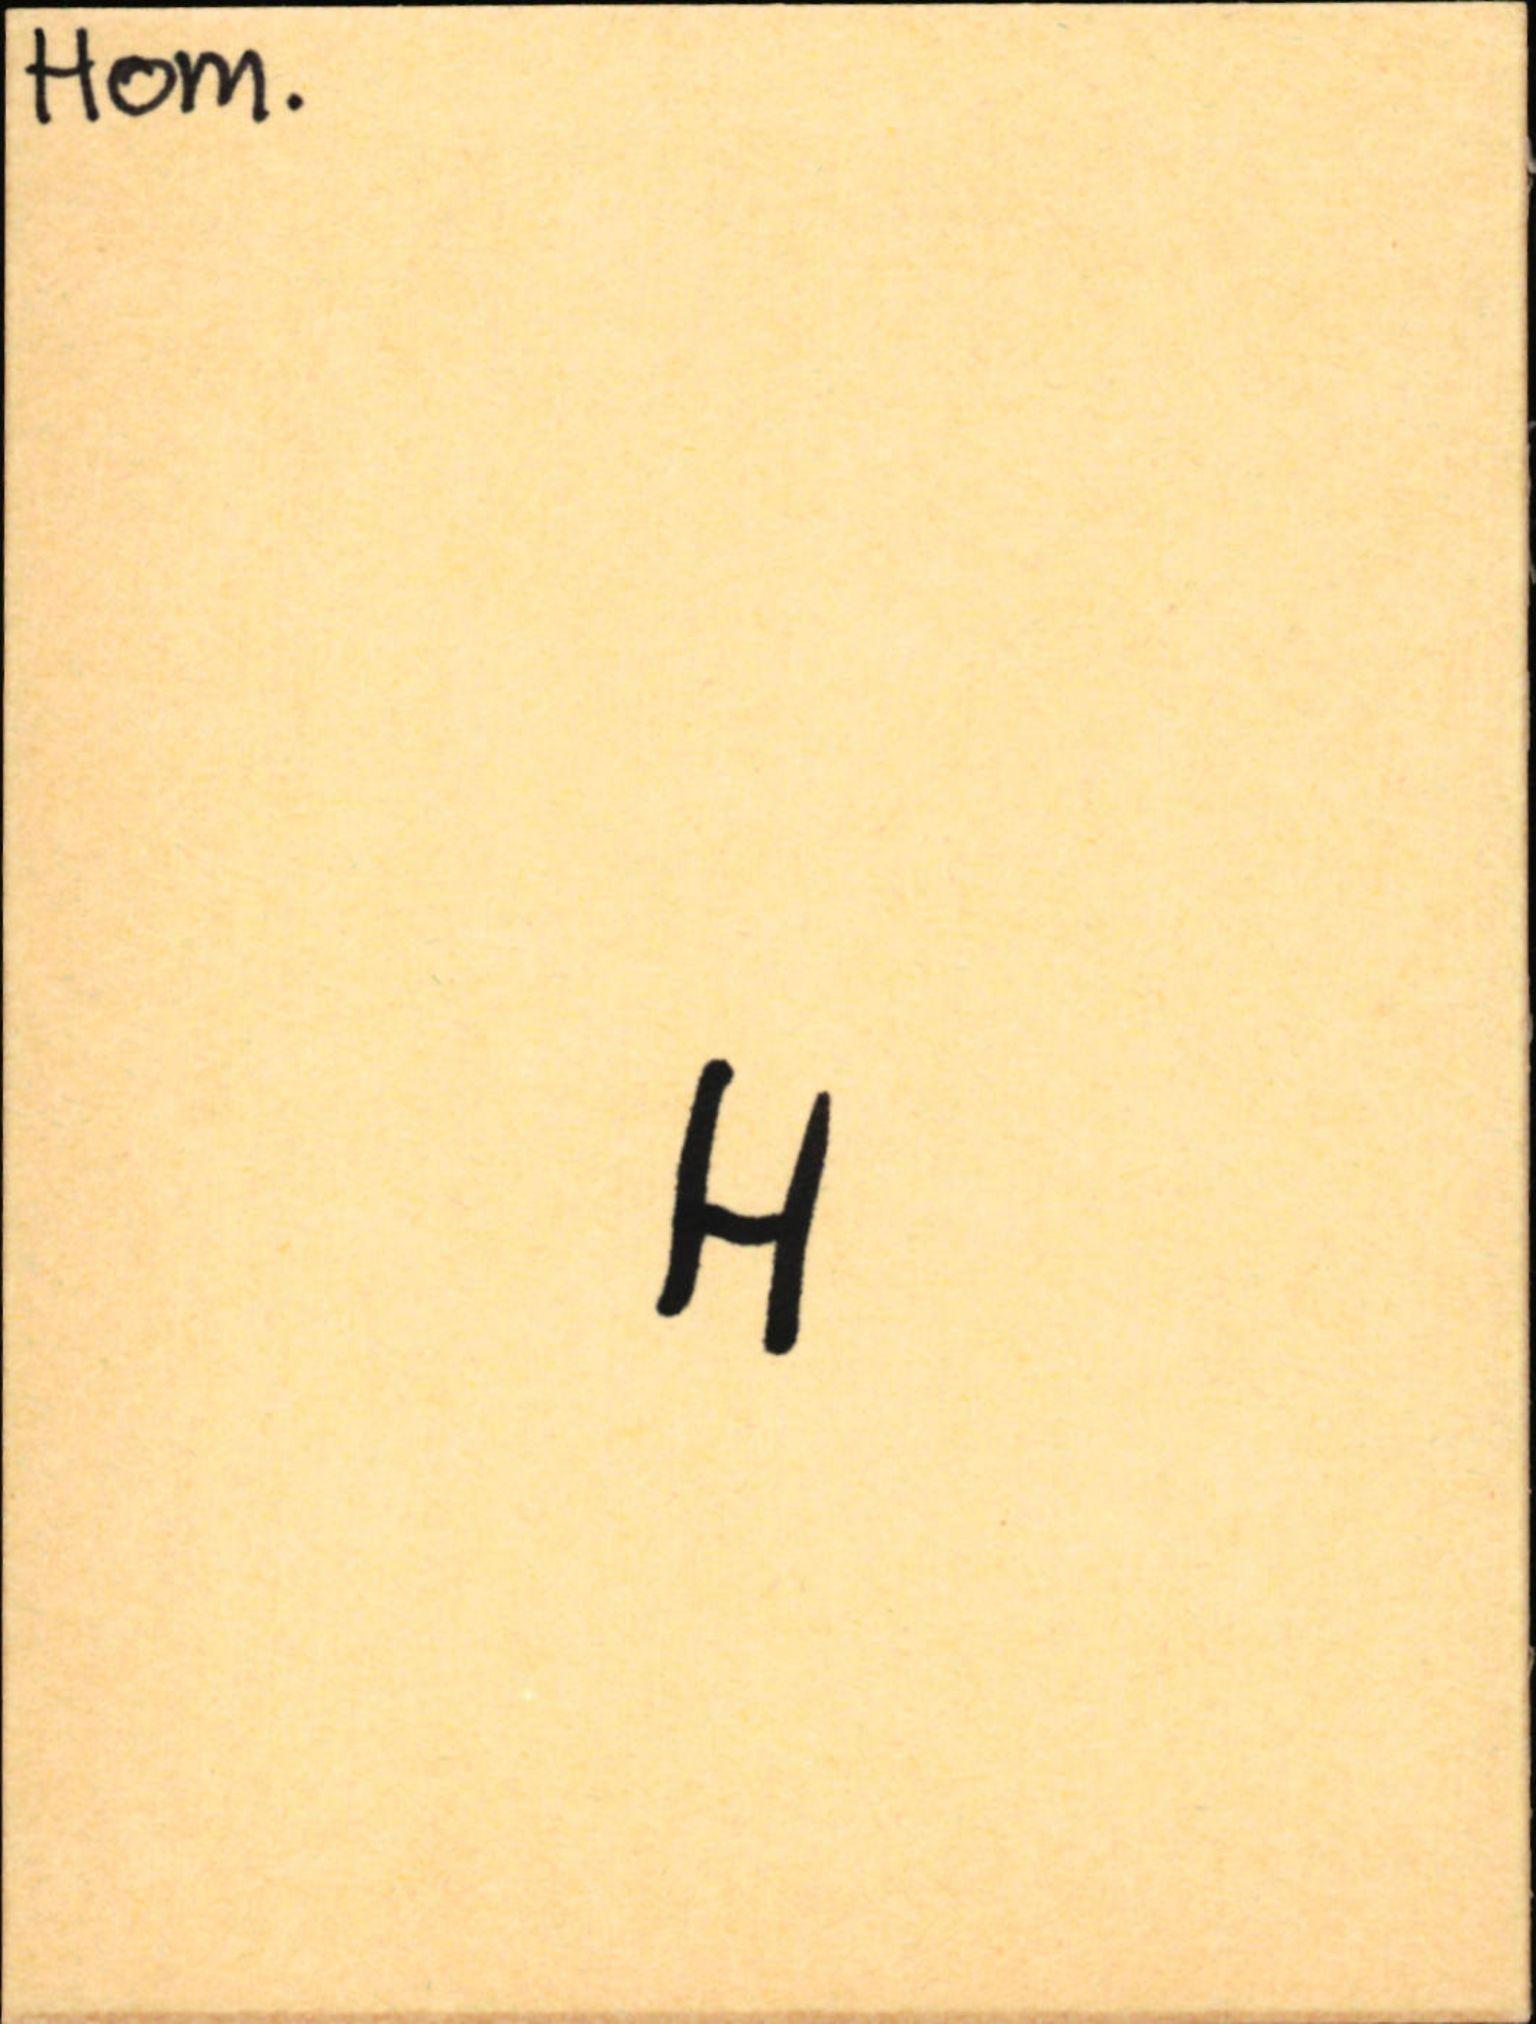 SAB, Statens vegvesen, Hordaland vegkontor, Ha/L0024: R-eierkort H, 1920-1971, s. 1